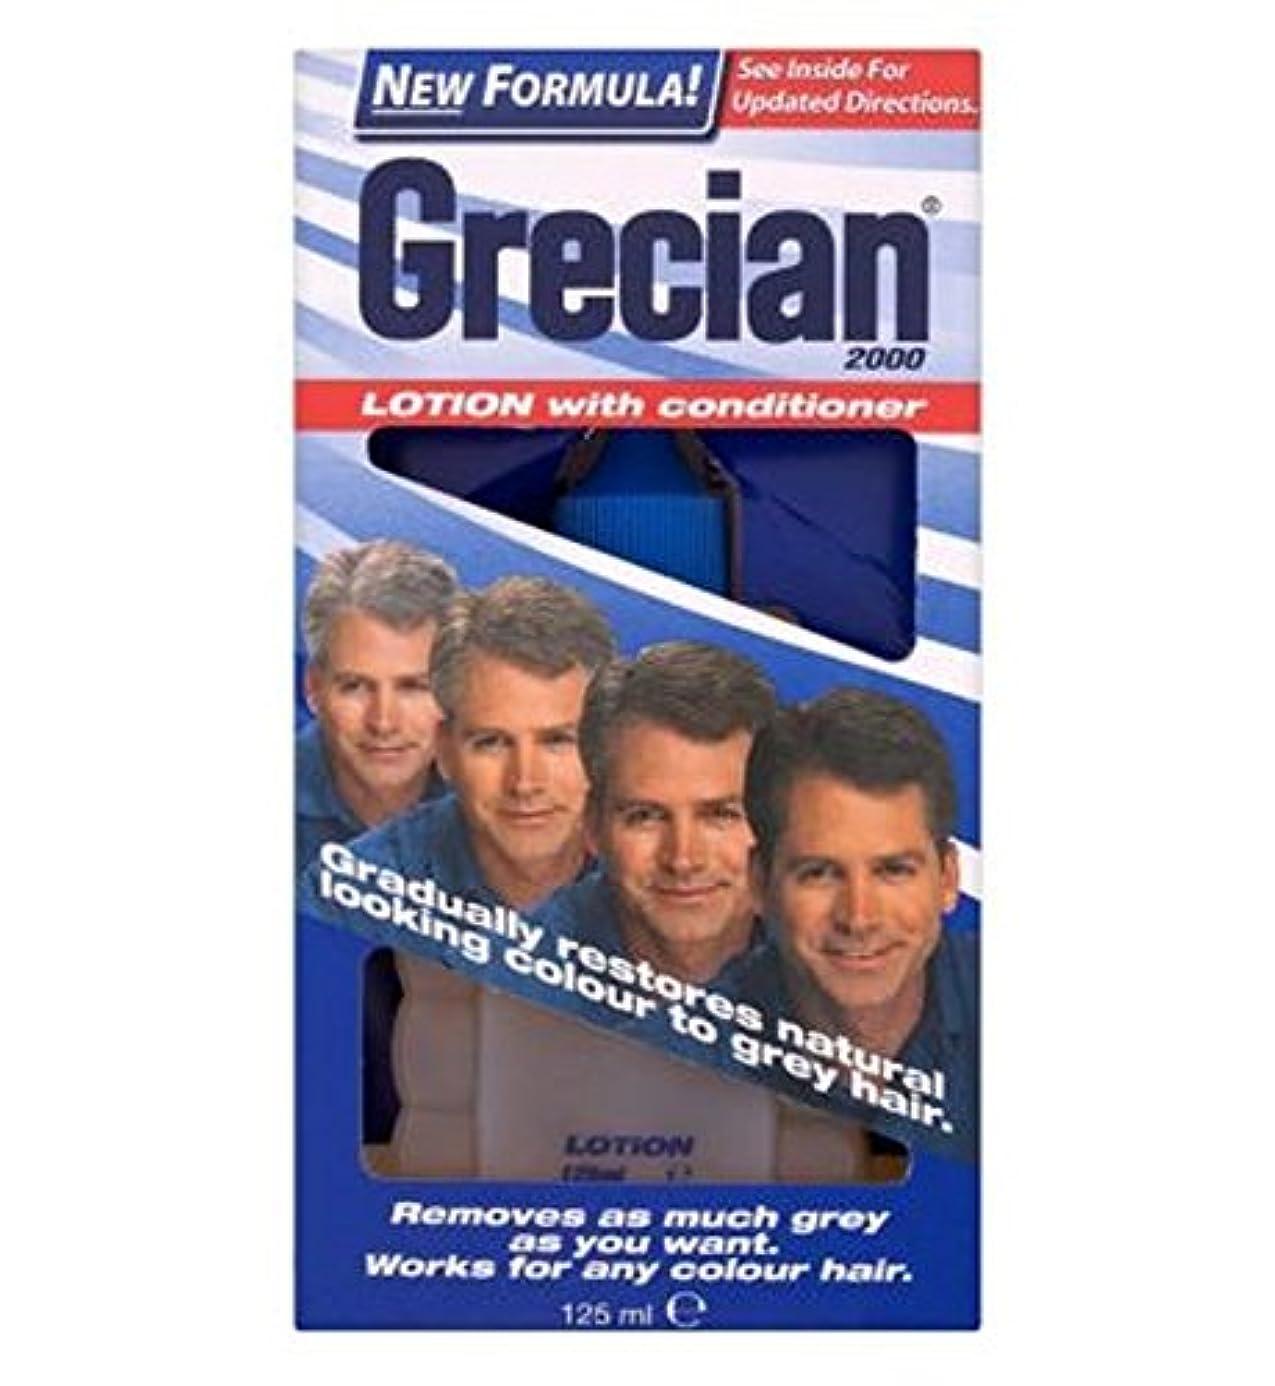 スキッパーほのか病的Grecian 2000 Men's Hair Colour Lotion - ギリシャの2000メンズヘアカラーローション (Grecian) [並行輸入品]